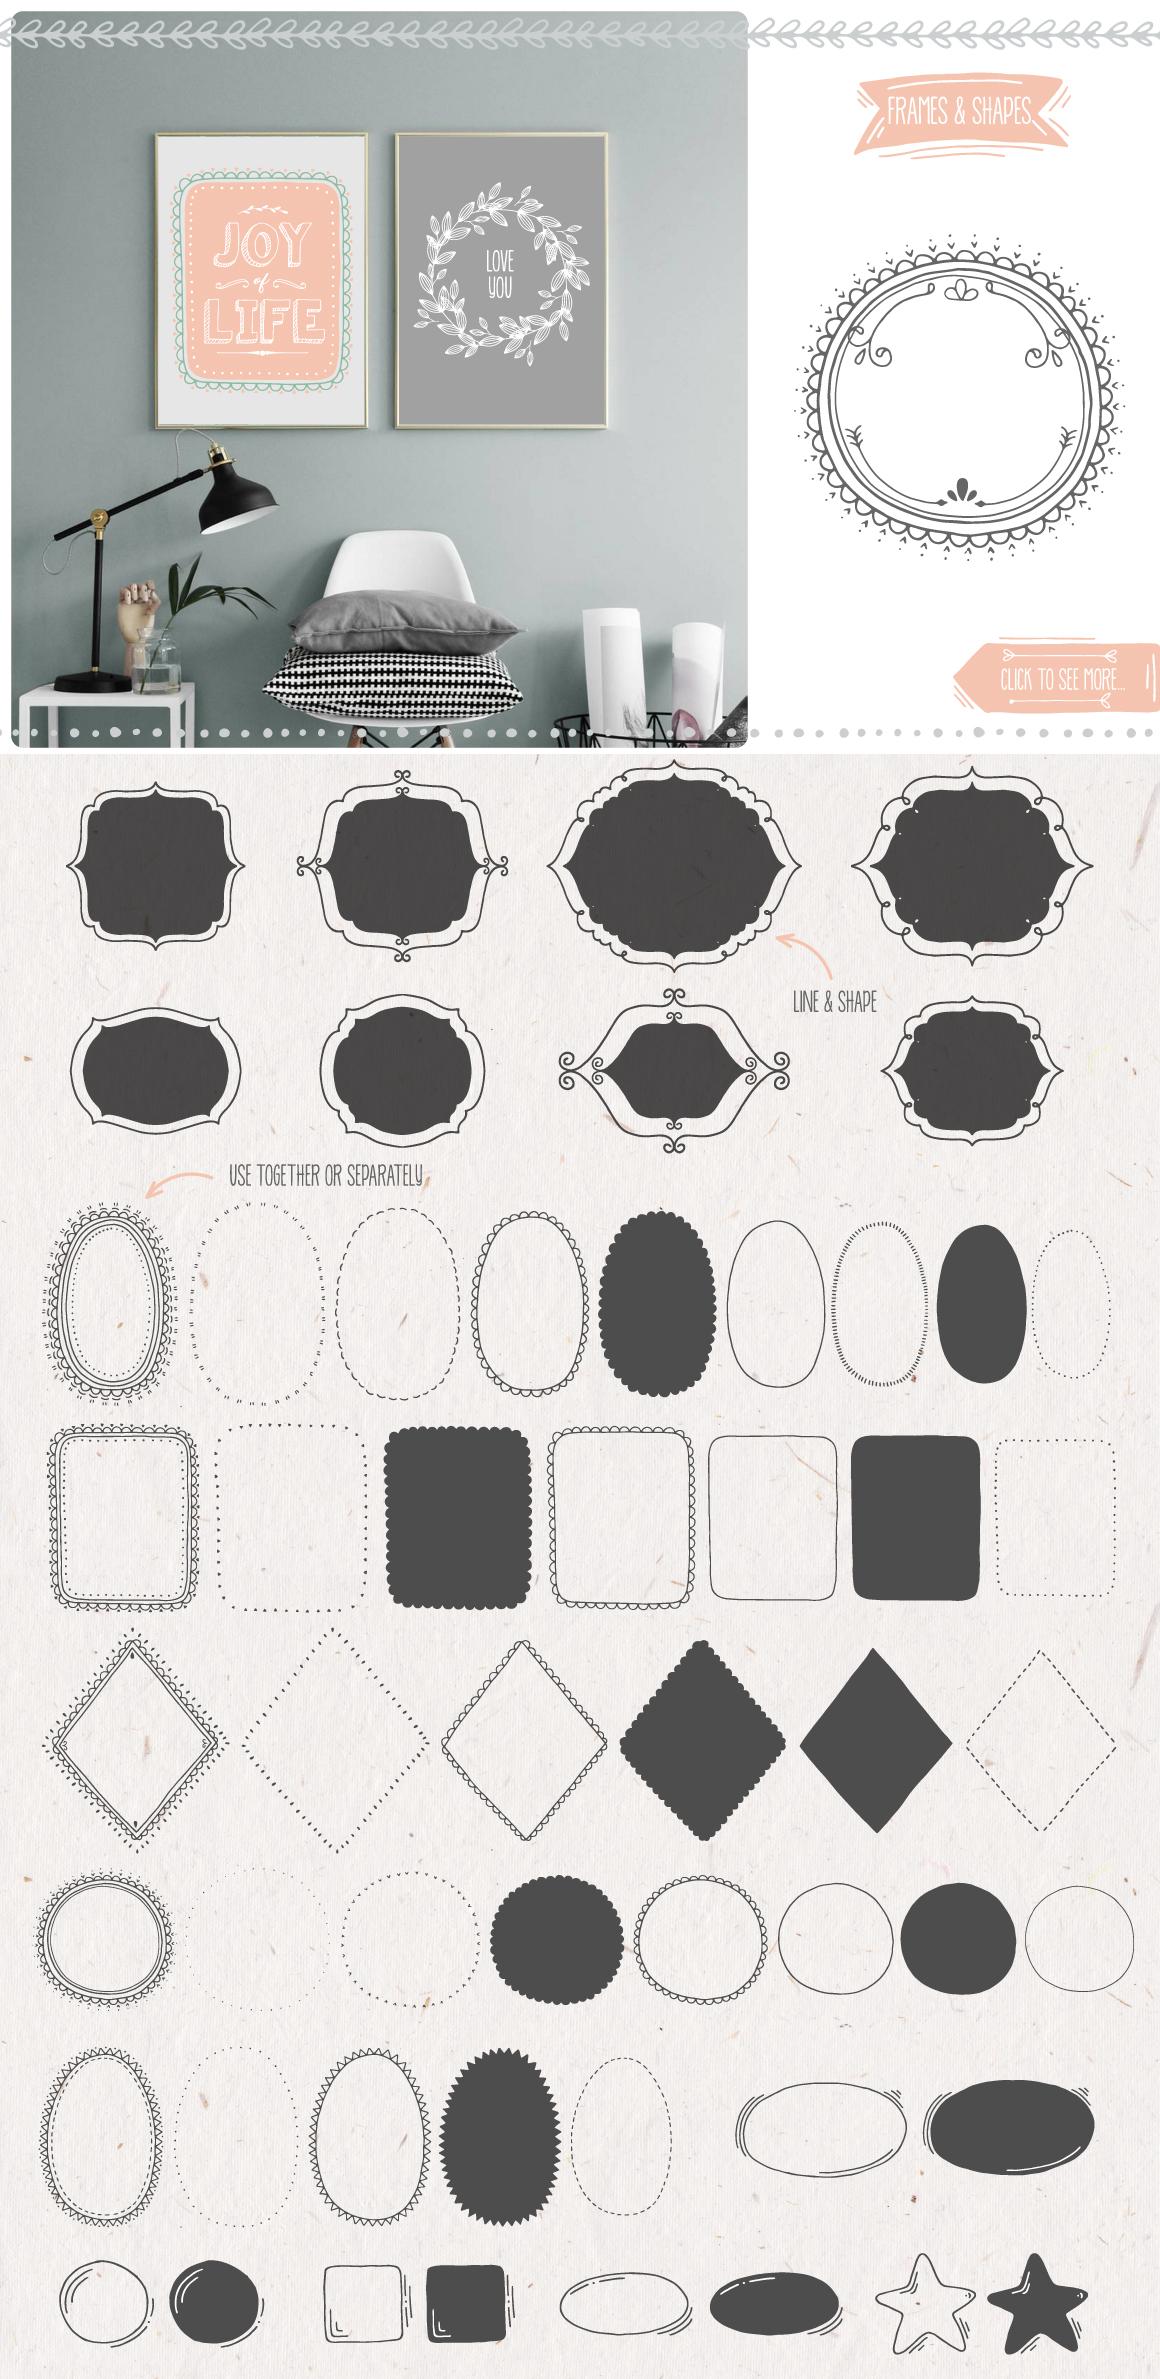 500多个花圈徽标装饰图案矢量素材 Decoration Toolkit插图(3)